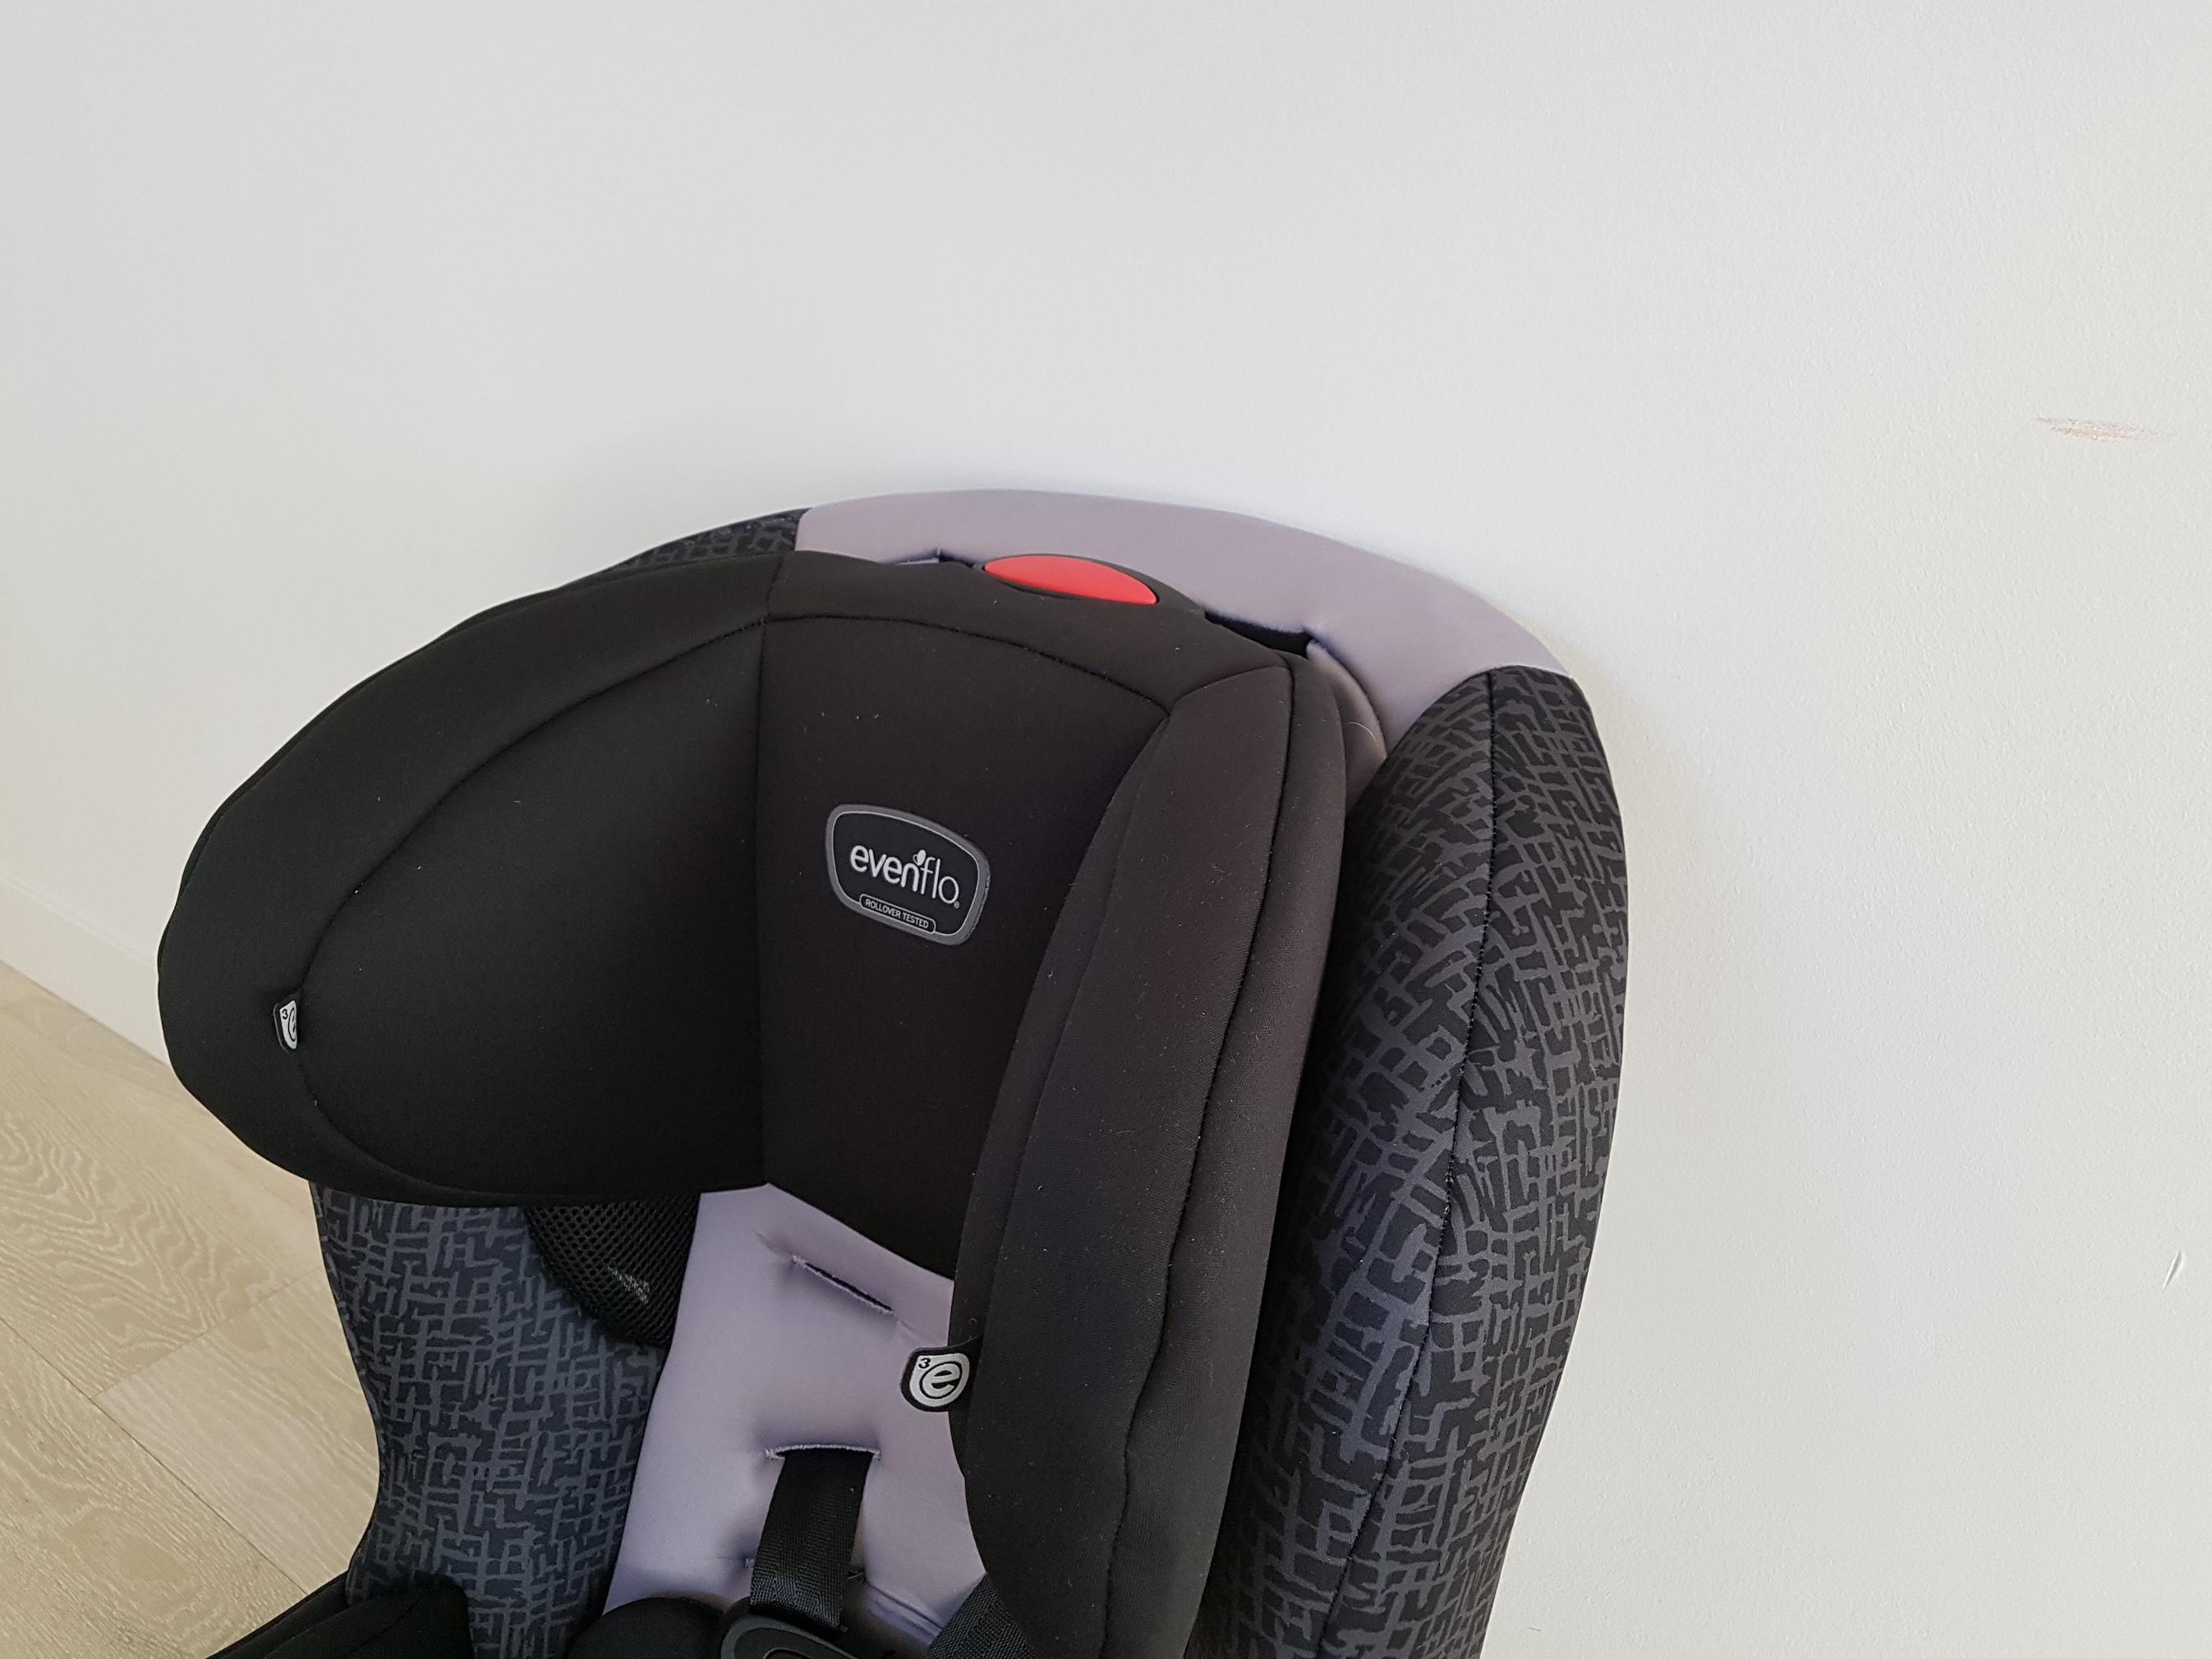 evenflo_car_seat_bby_head_rest3-1